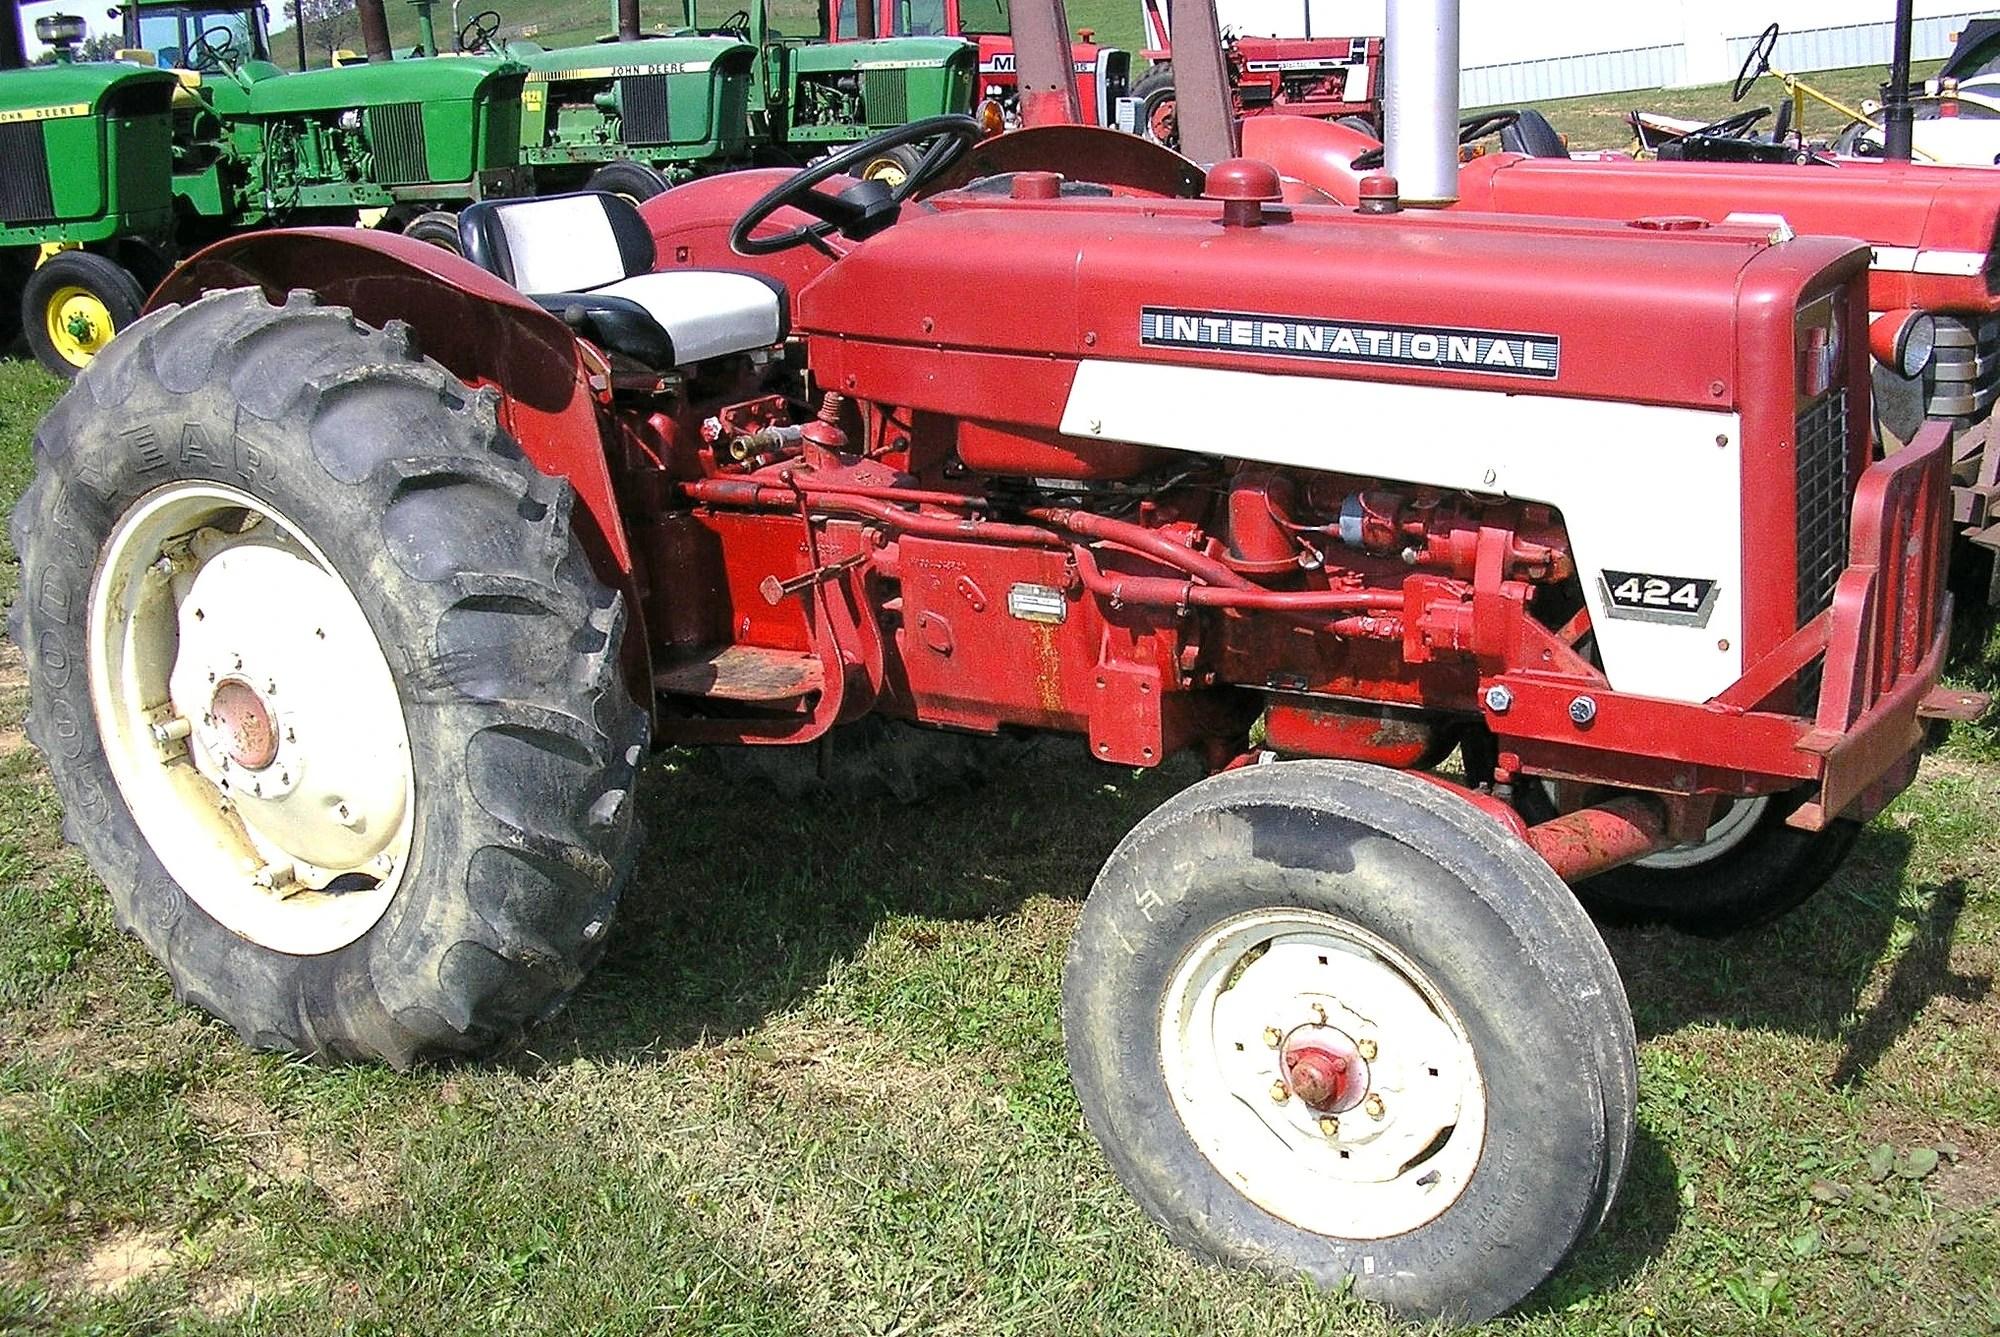 medium resolution of international harvester 424 tractor construction plant wiki international harvester 454 tractor on 806 farmall pto parts diagram